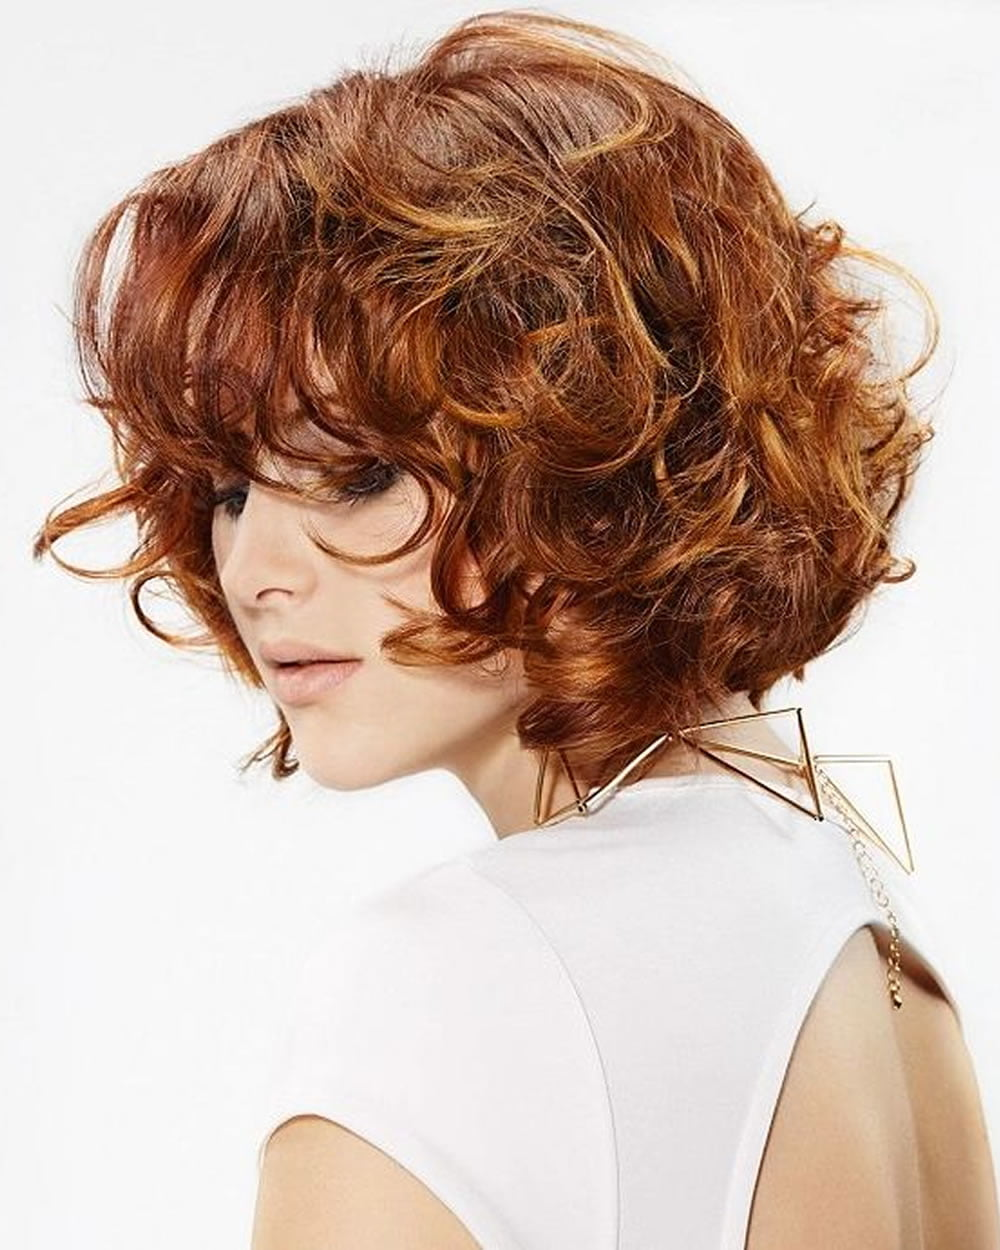 Стрижки для вьющихся волос (66 фото короткие, средние, длинные прически) 30